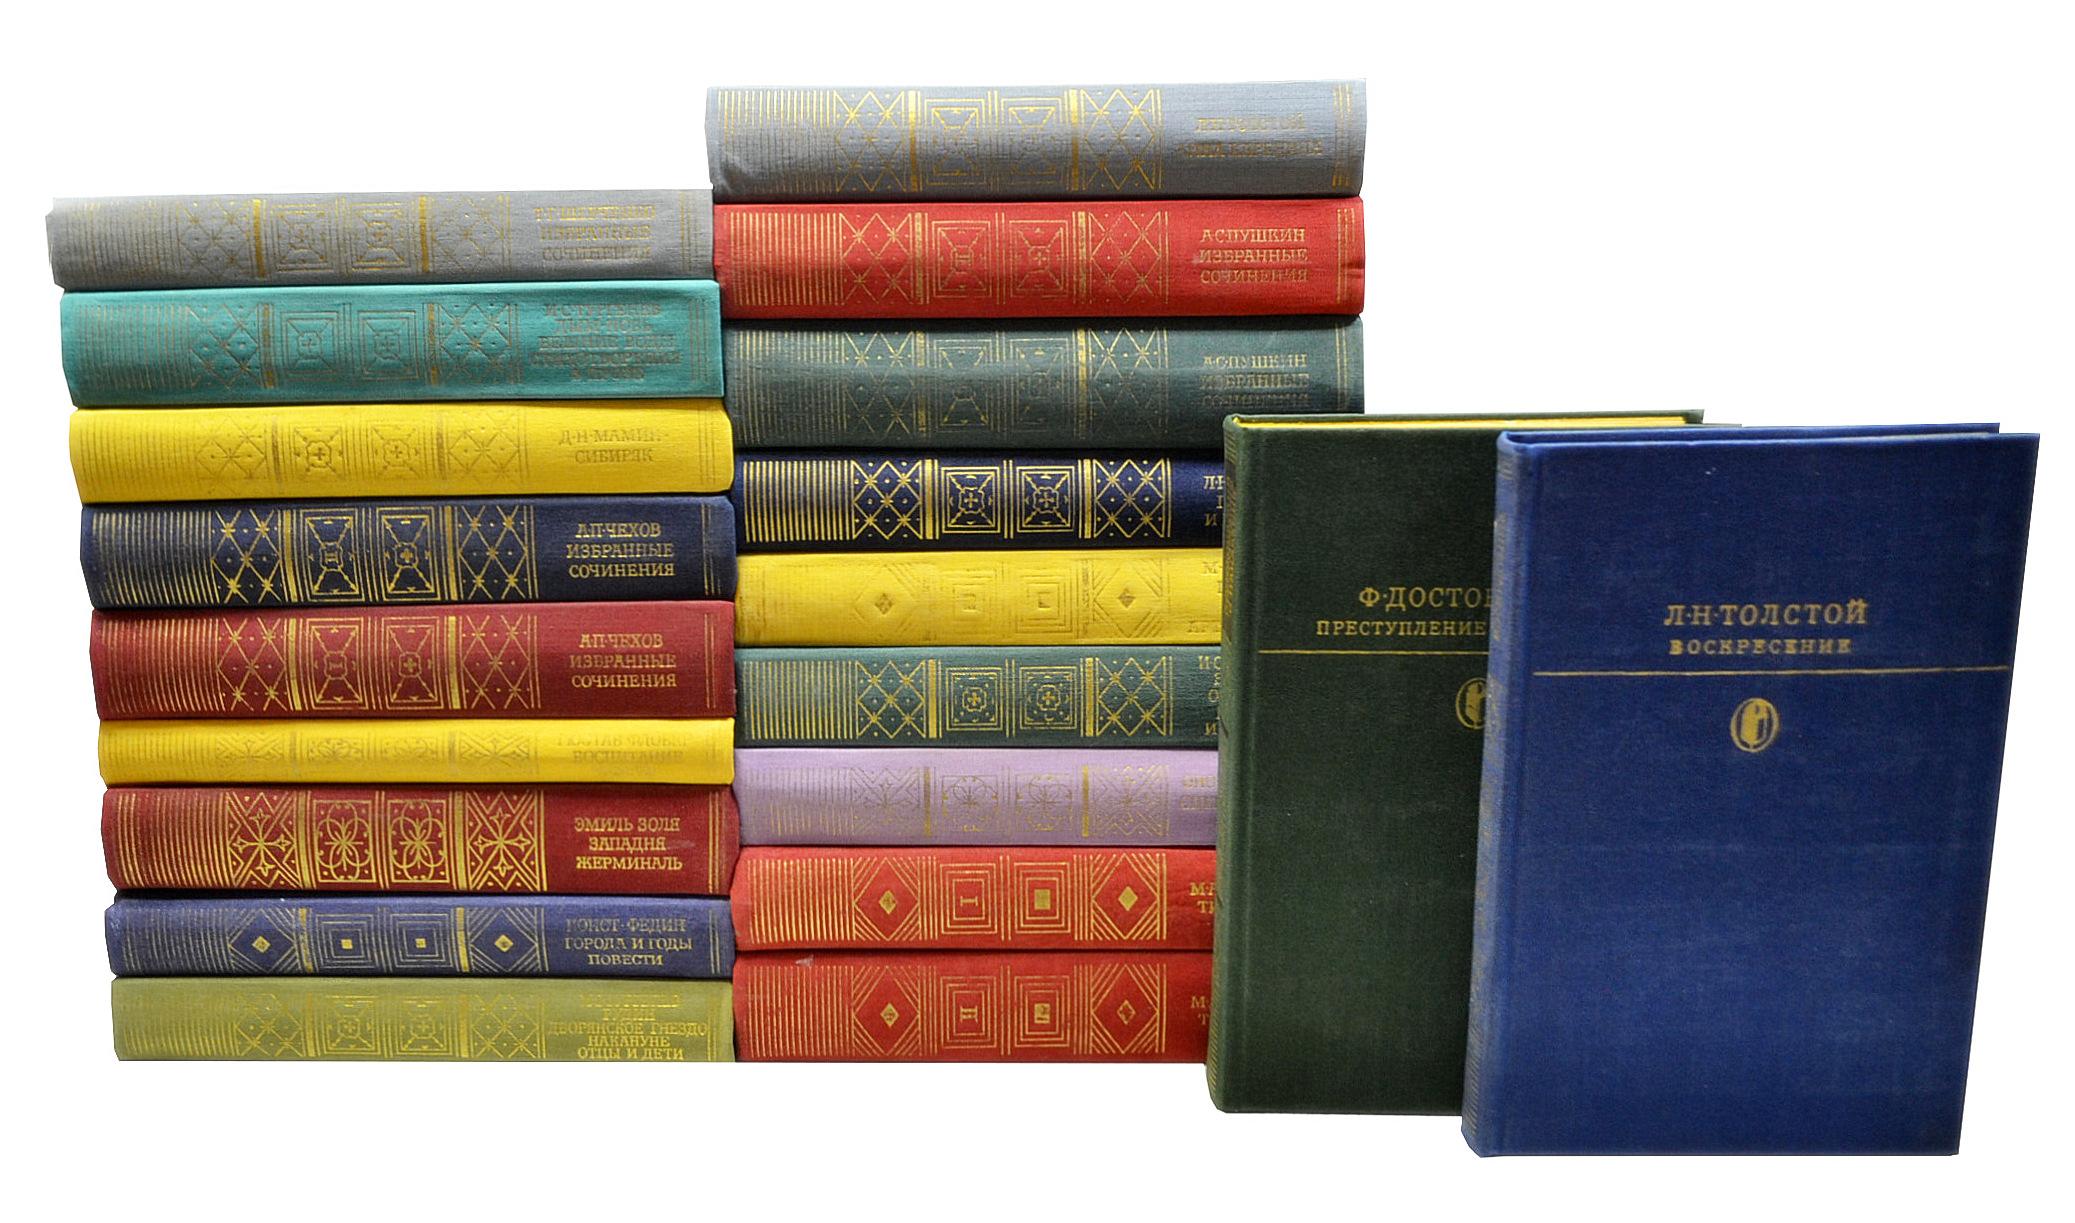 Серия Библиотека классики (комплект из 20 книг) серия библиотека русского фольклора комплект из 7 книг